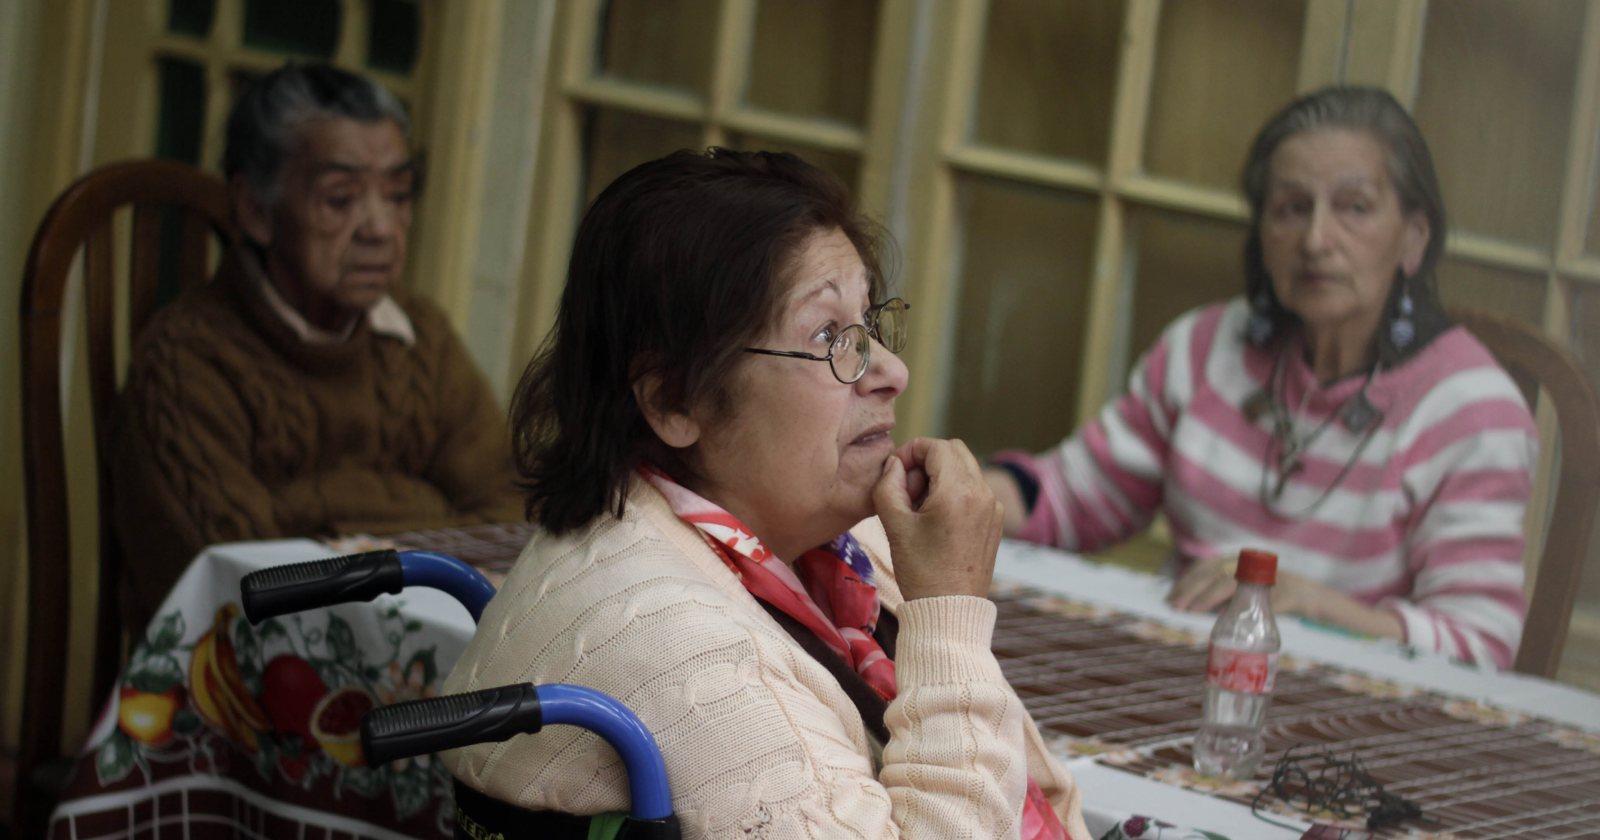 Residencias espejo y turnos de 14 días: las nuevas medidas de los centros para adultos mayores para prevenir contagios